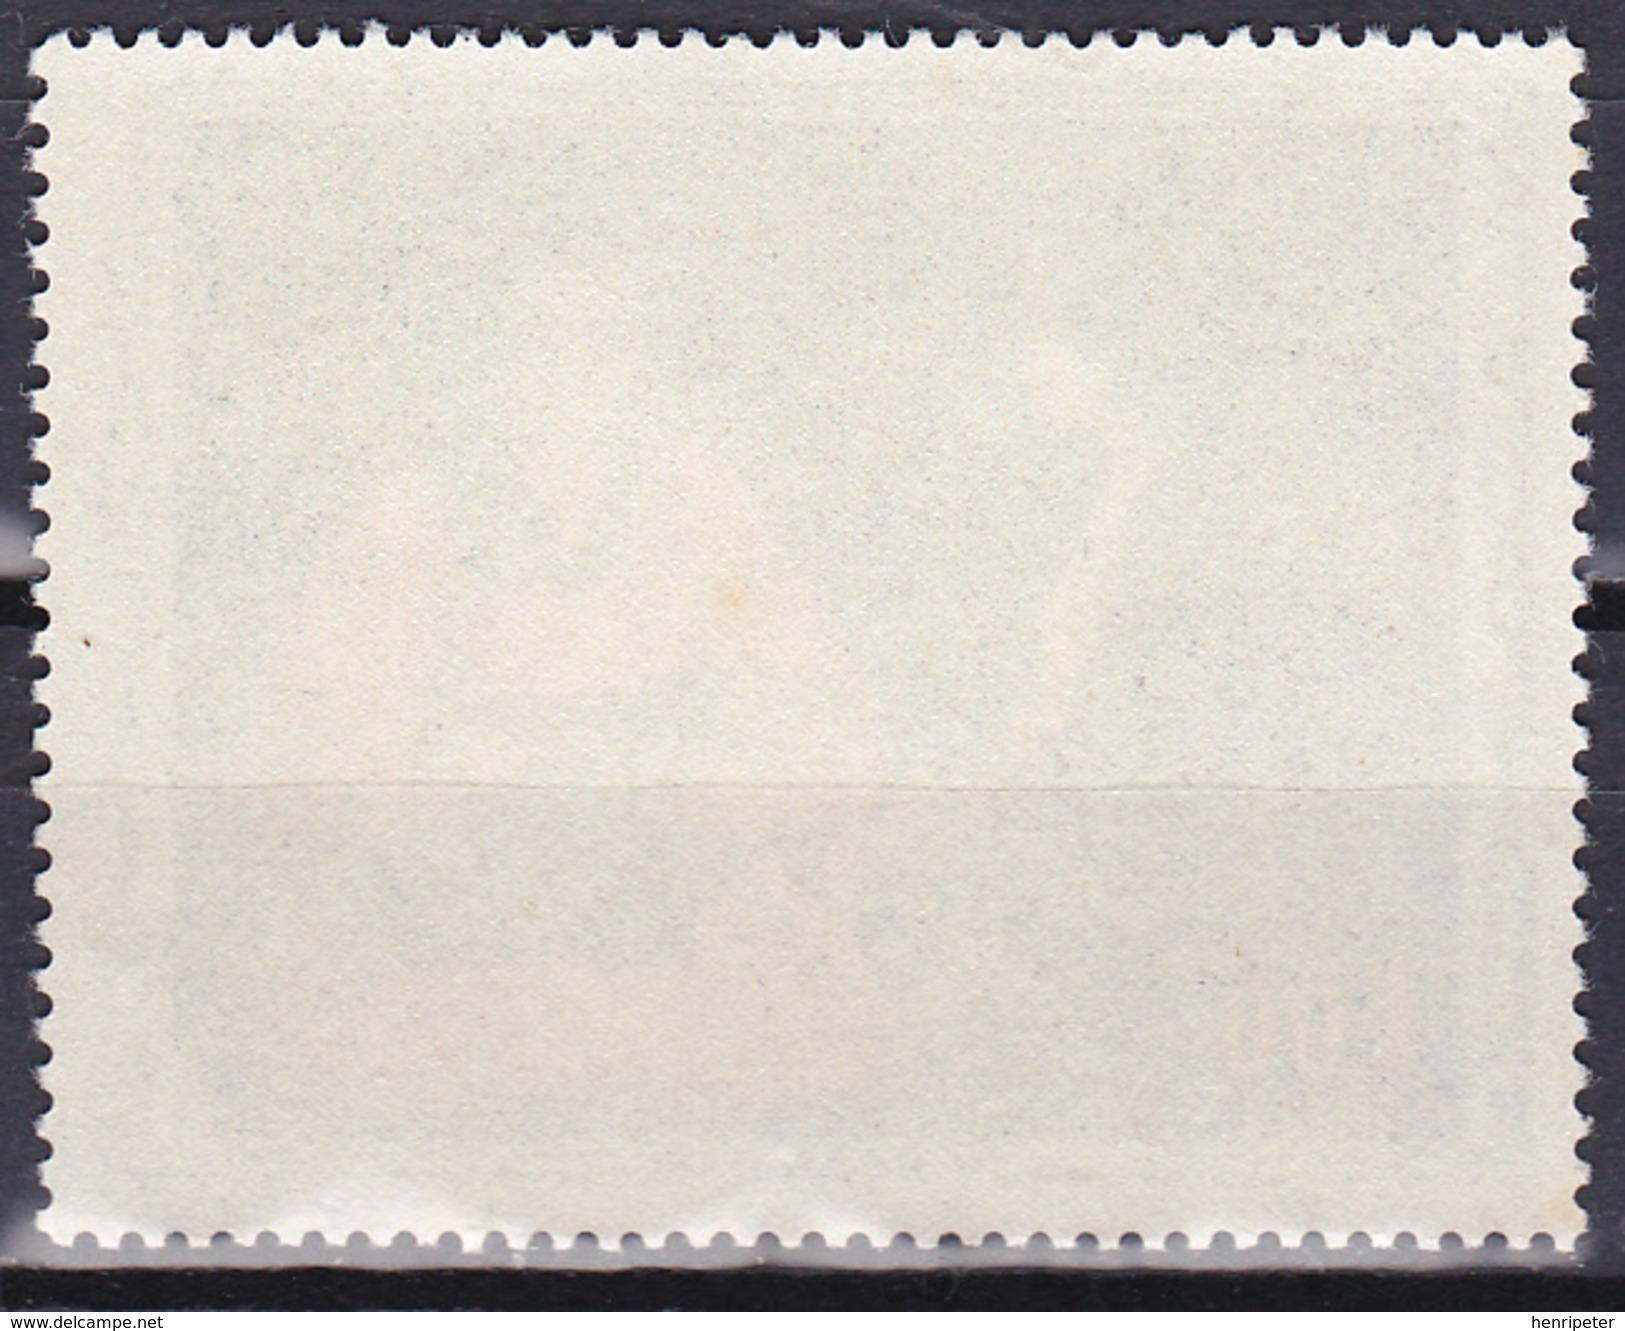 Timbre-poste Neuf** - Oeuvres D'art Le Nouveau-Né De Georges De La Tour - N° 1479 (Yvert) - France 1966 - Ungebraucht